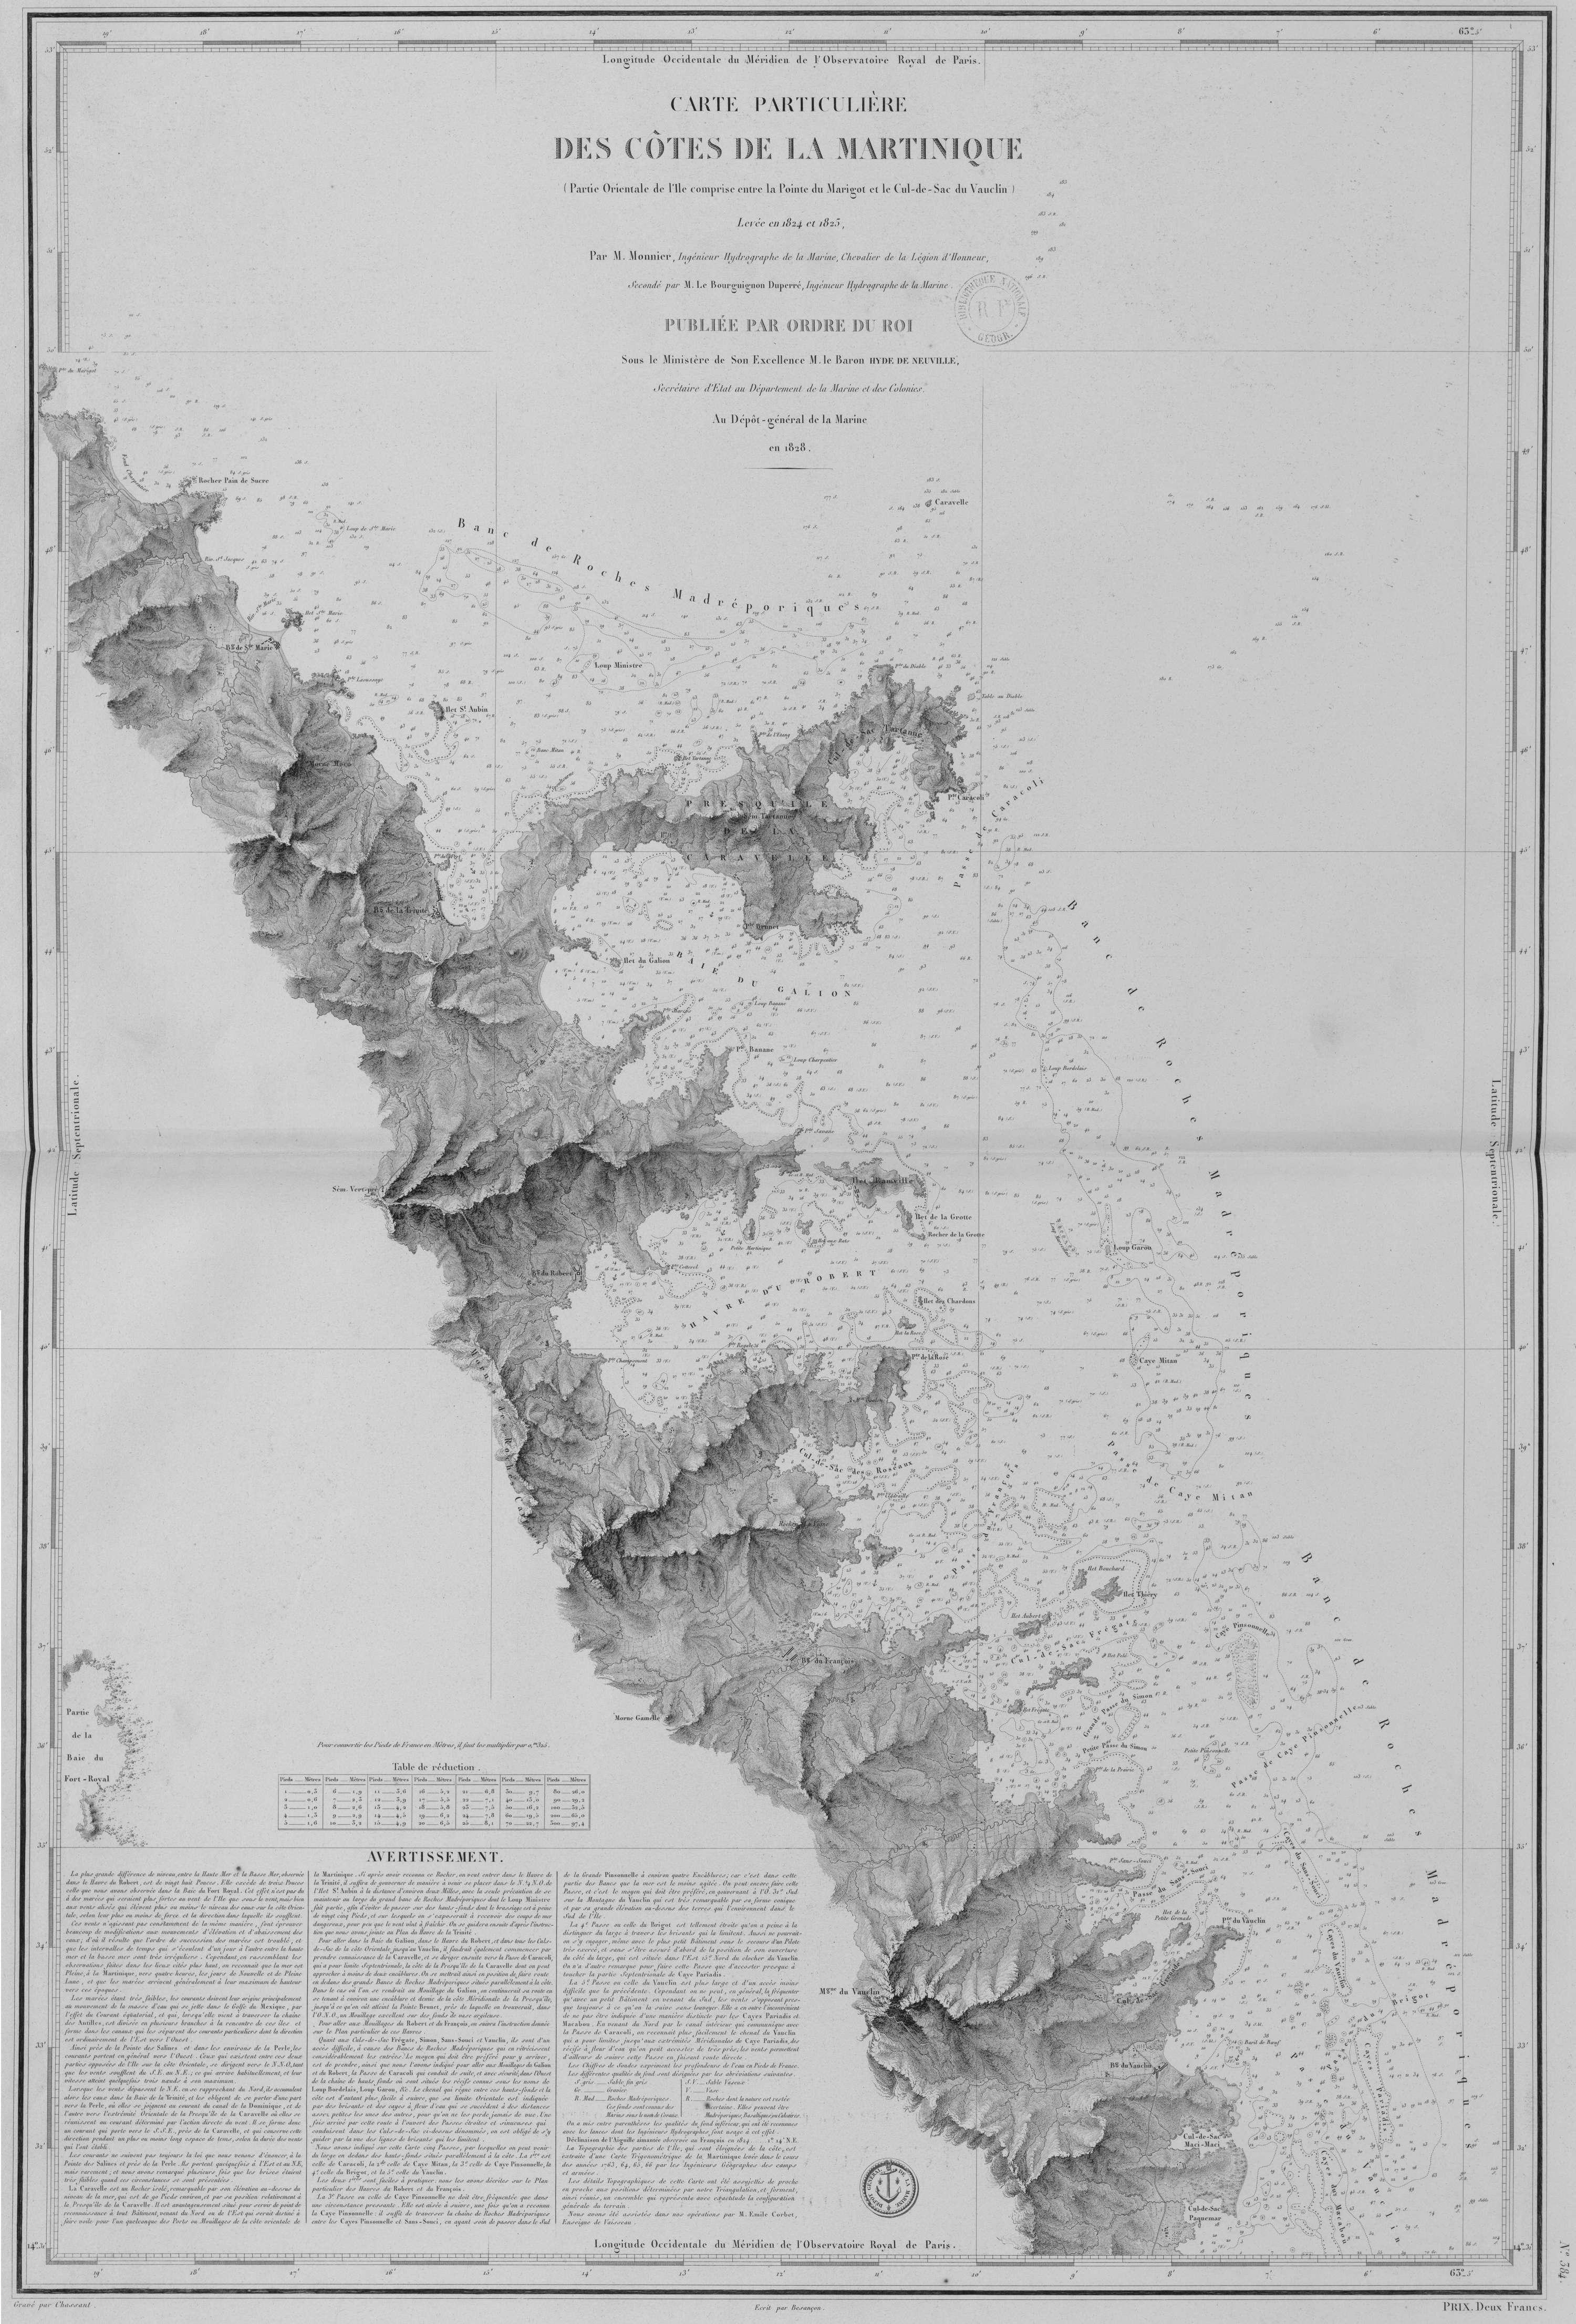 Atlas des côtes de la Martinique